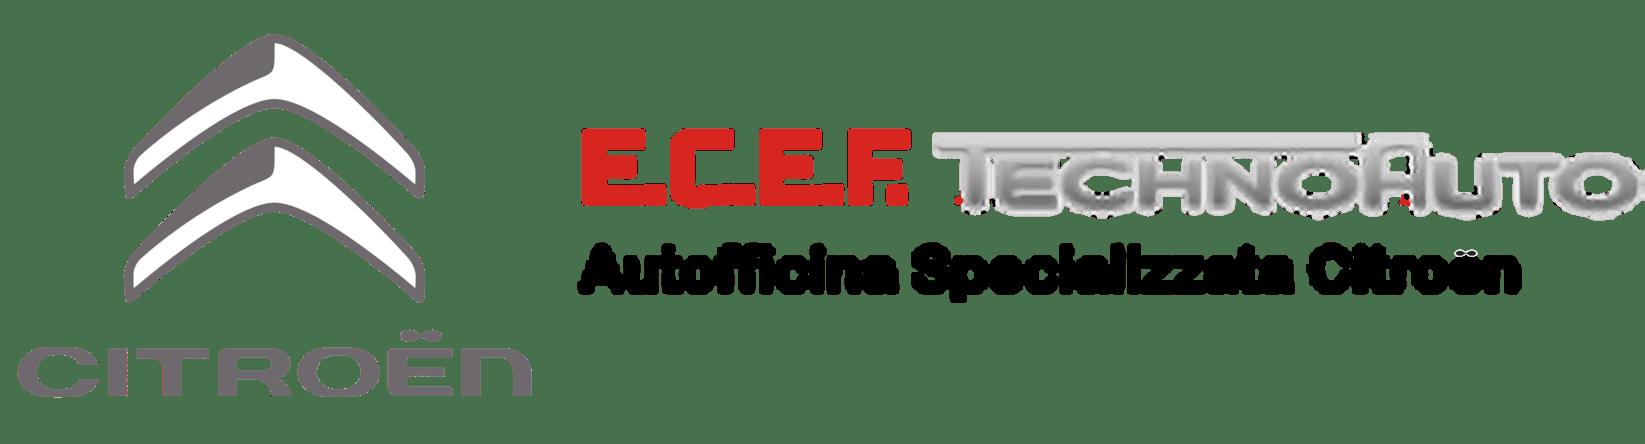 Logo di Autofficina E.C.E.F